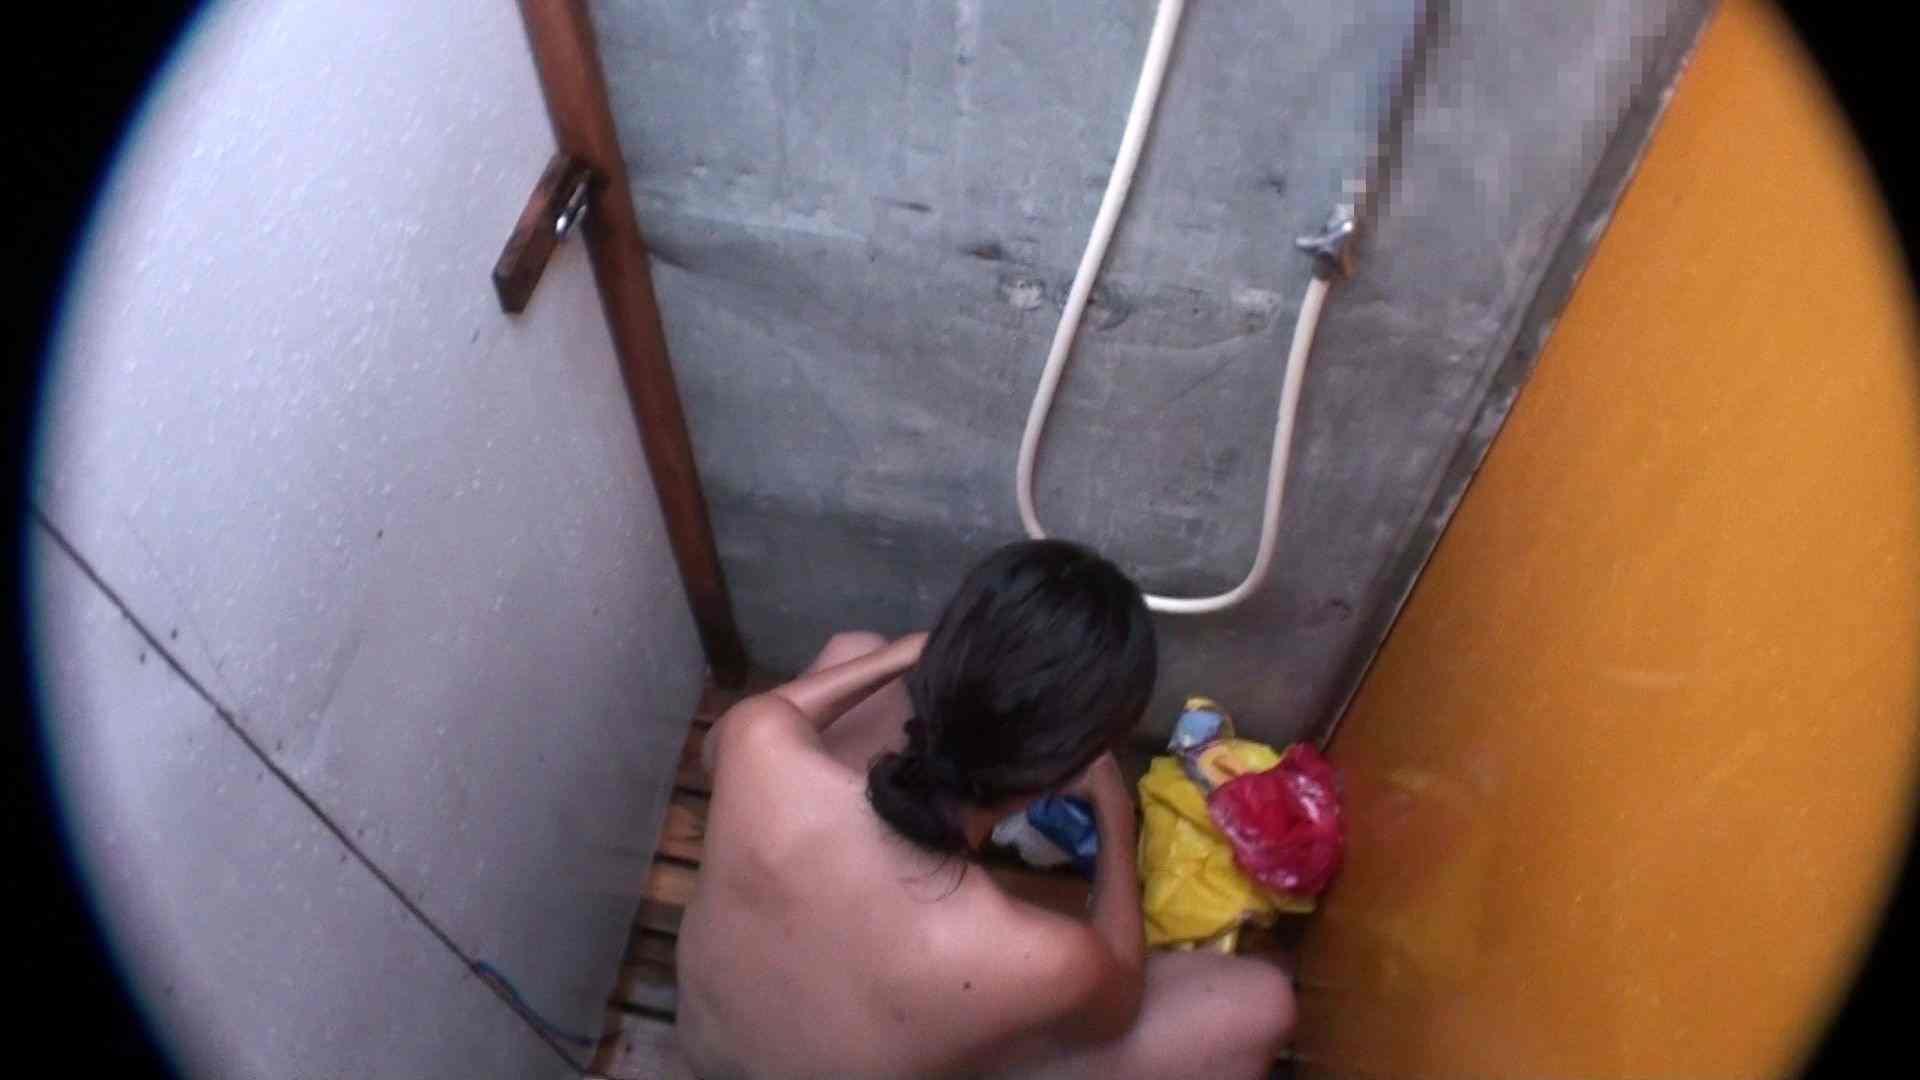 ハイビジョンシャワールームは超!!危険な香りVol.31 清楚なママのパンツはティーバック 脱衣所の着替え  103画像 87